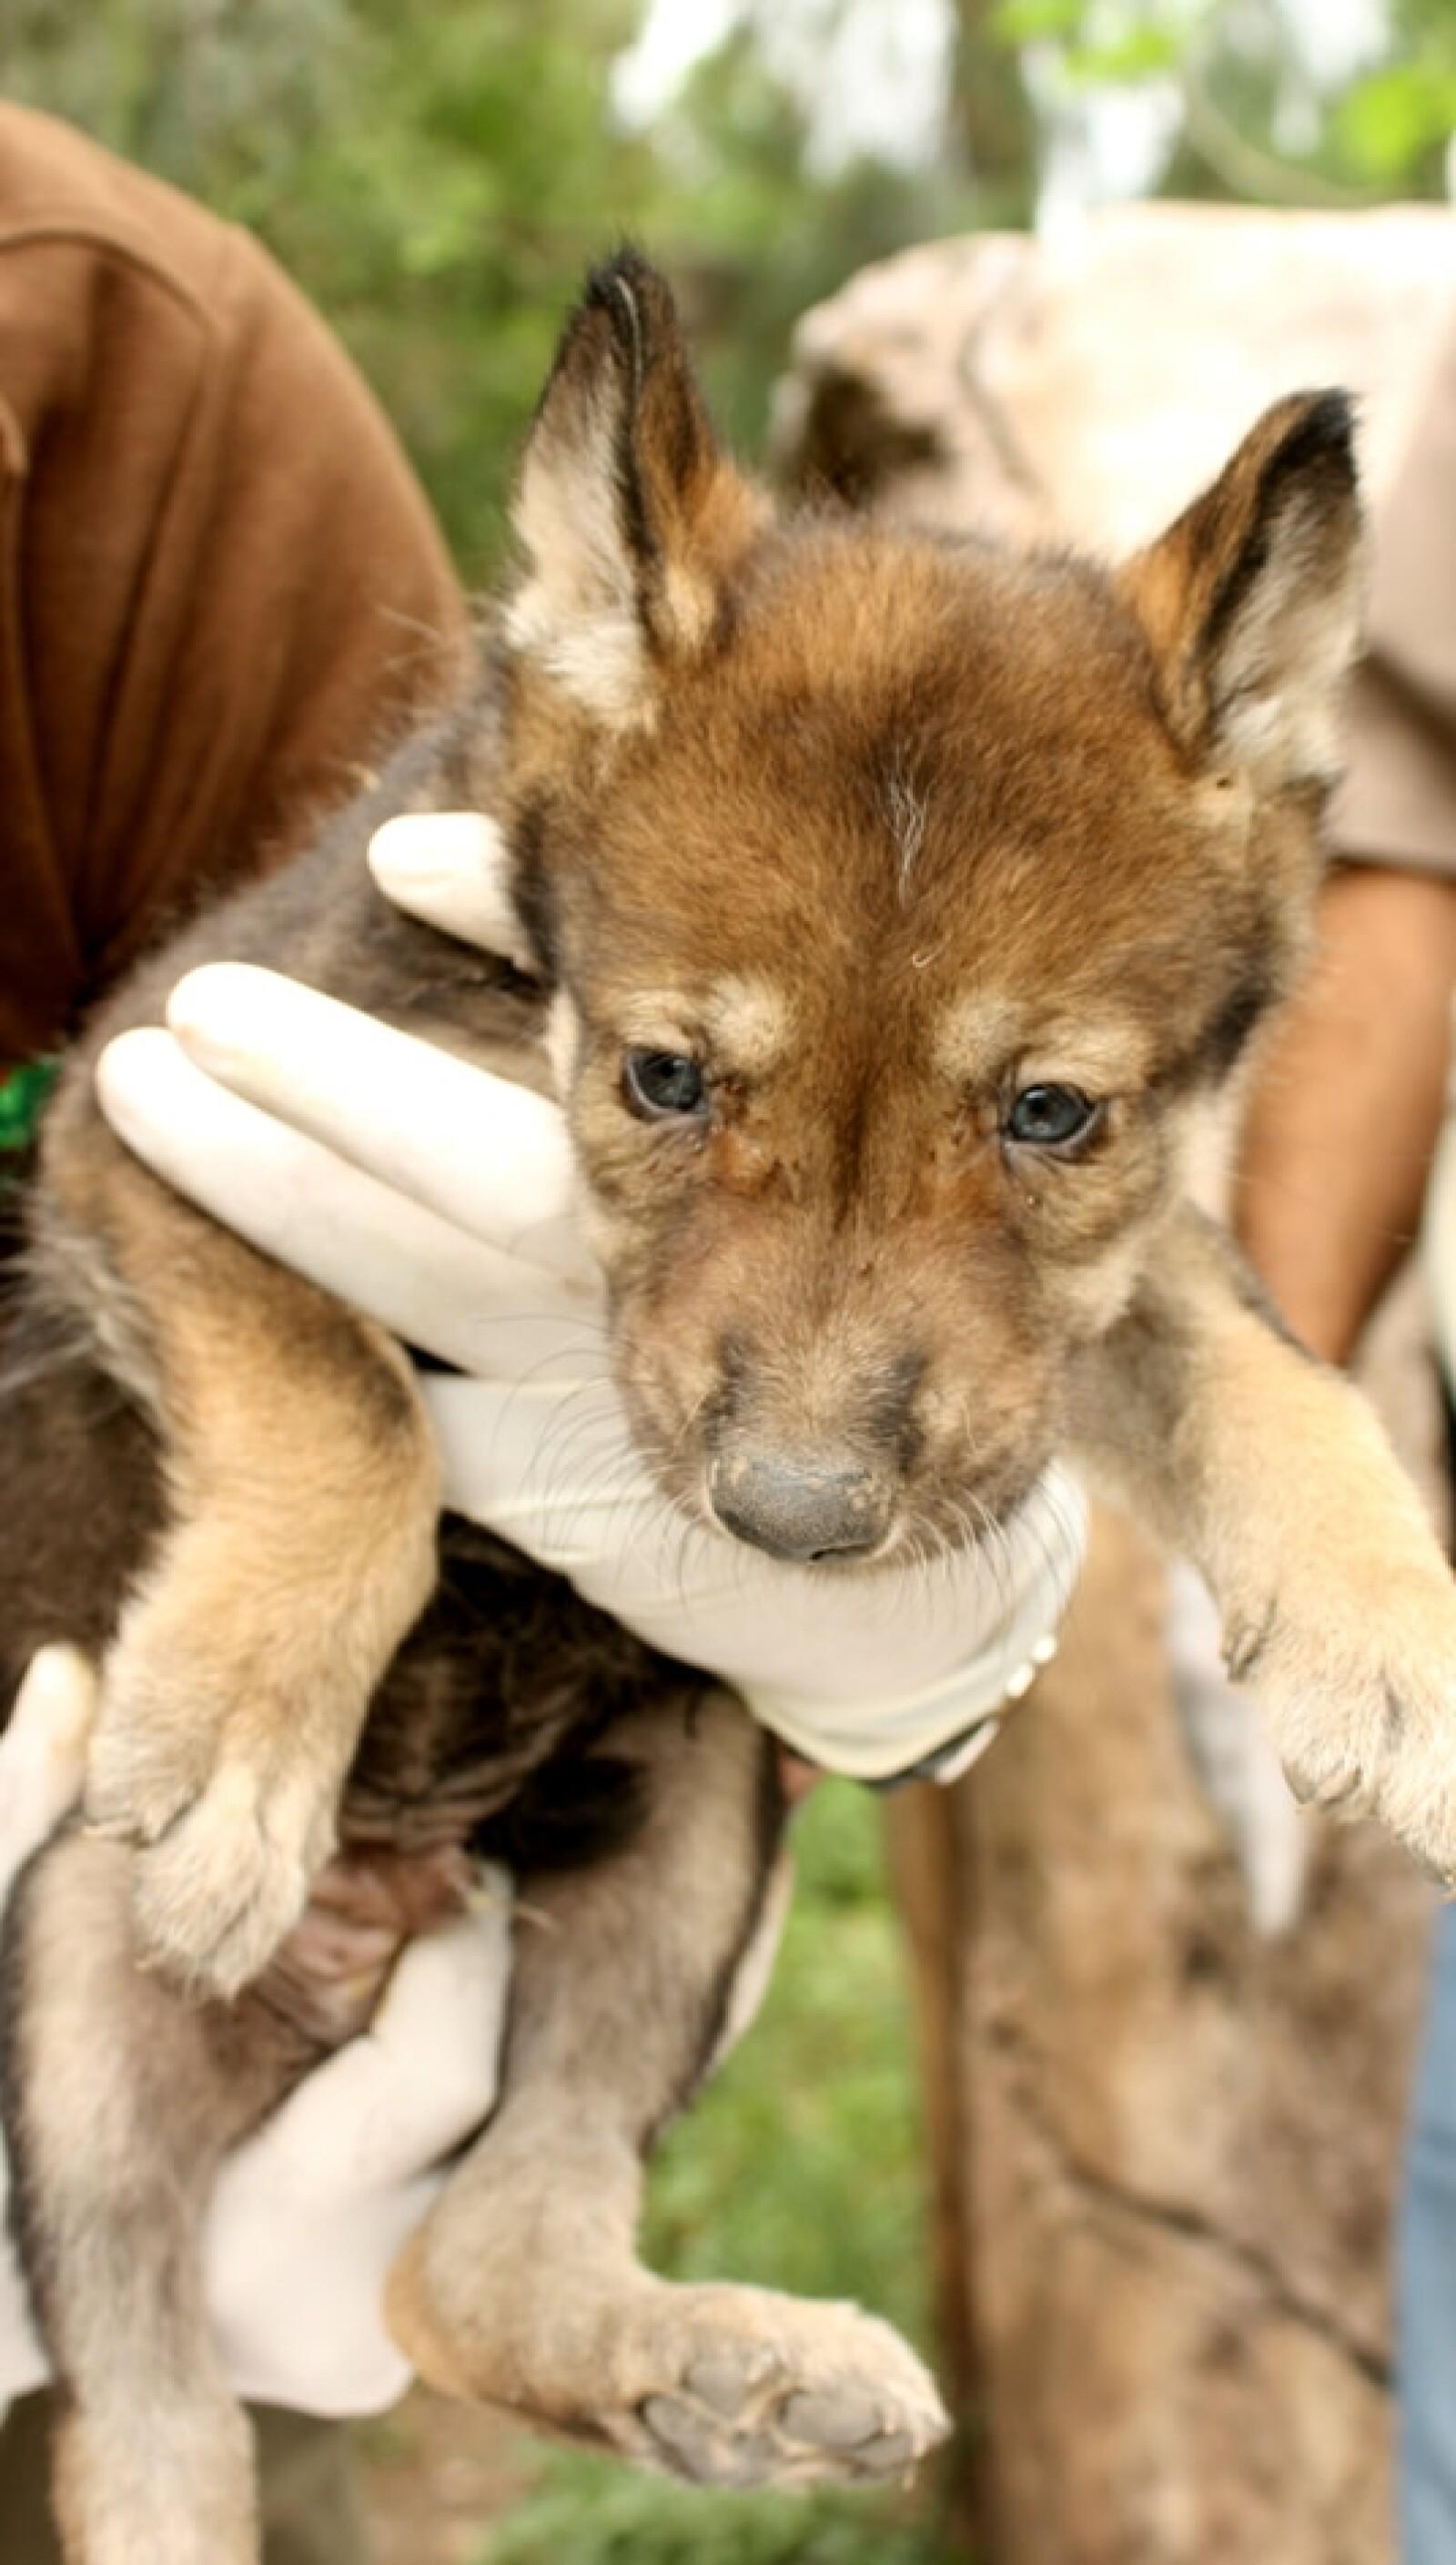 Las crías nacieron el 10 de abril, informó el director general del zoológico, Vicente Mongrell